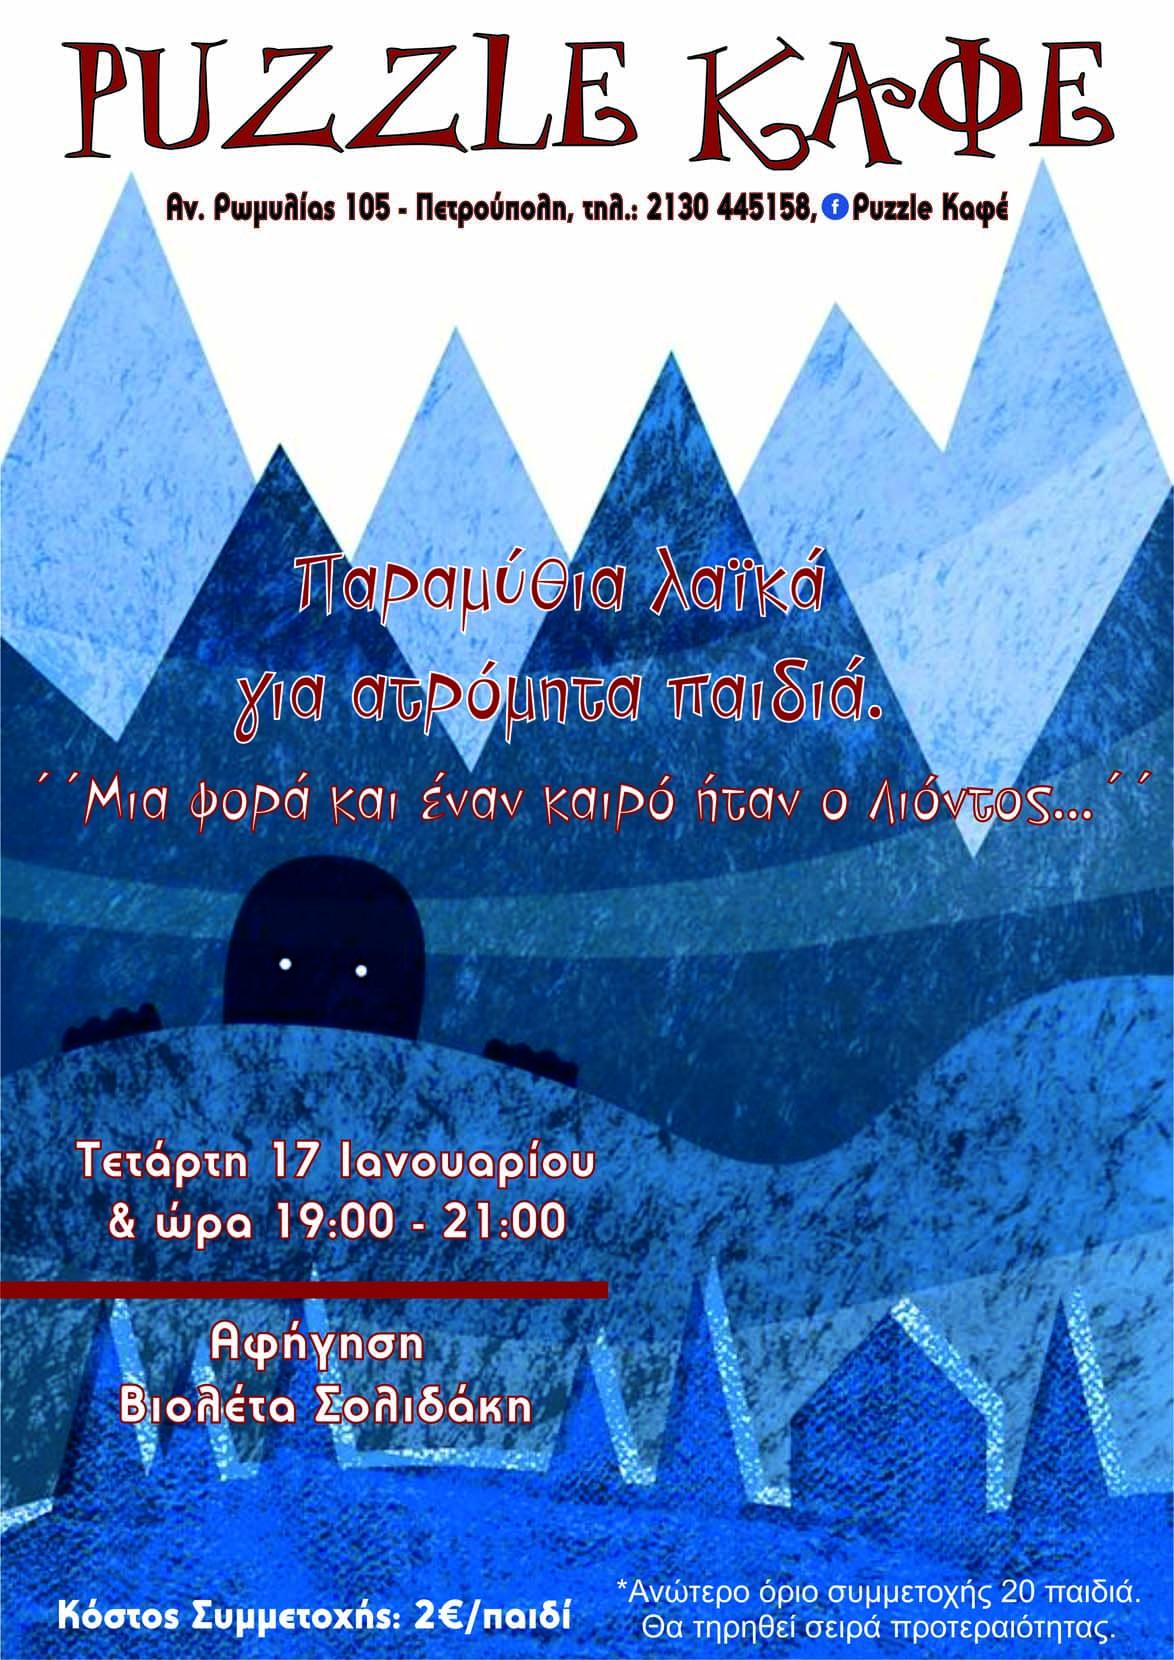 Εκτυπώσεις - Φωτοτυπίες - Γραφιστικά   Copyshop2.gr - Πετρούπολη   Μια φορά και έναν καιρό ήταν ο Λιόντος... - Puzzle Καφέ